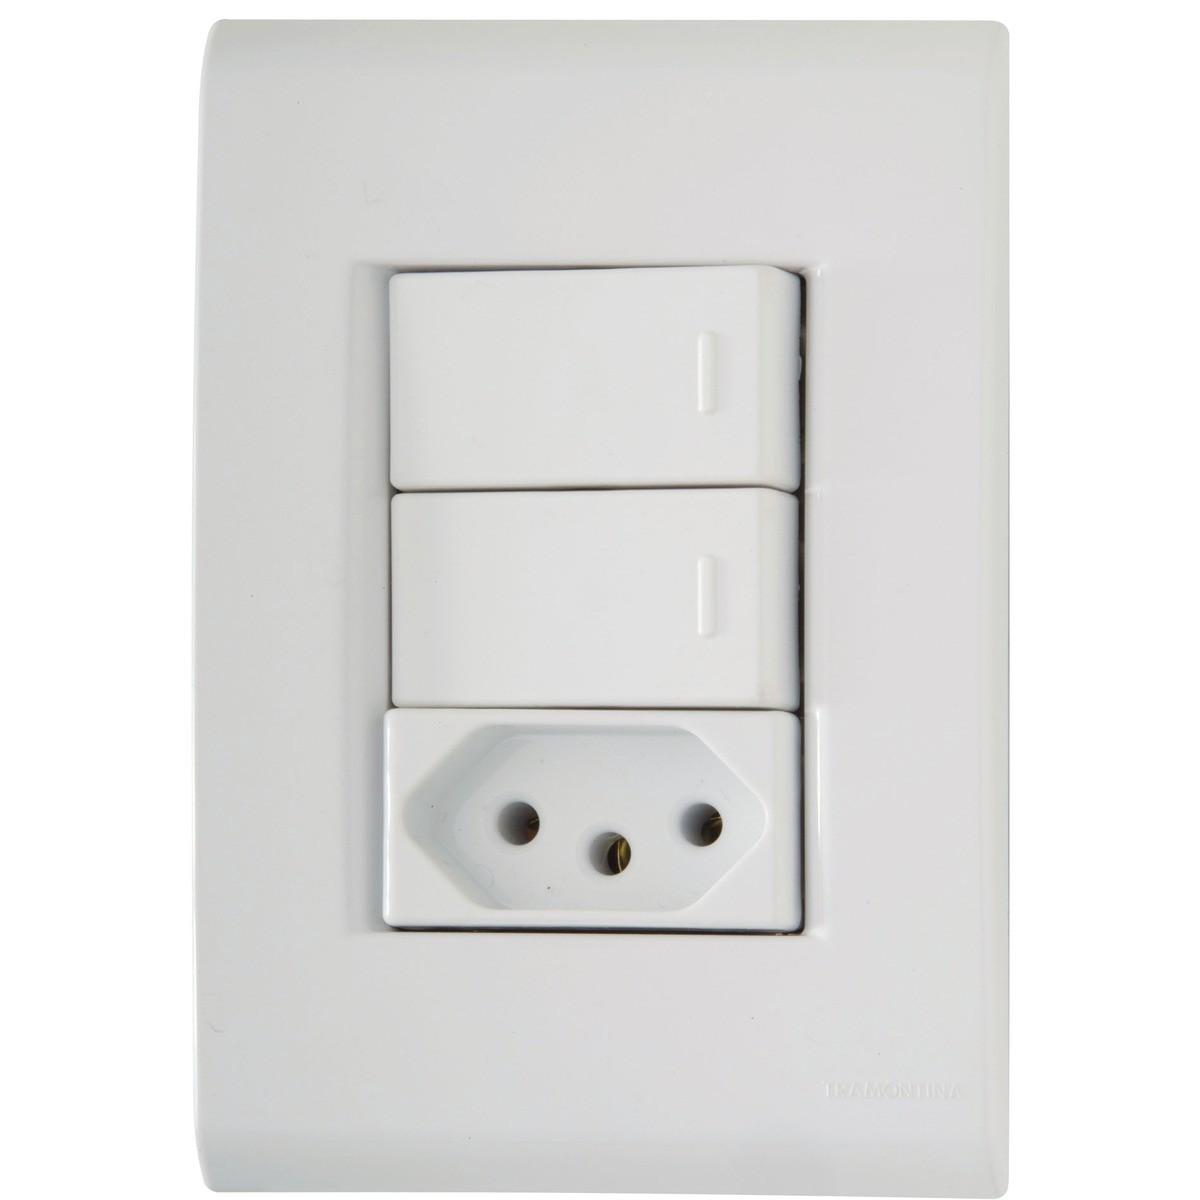 Conj 4X2 - 2 interruptores simples 10A 2